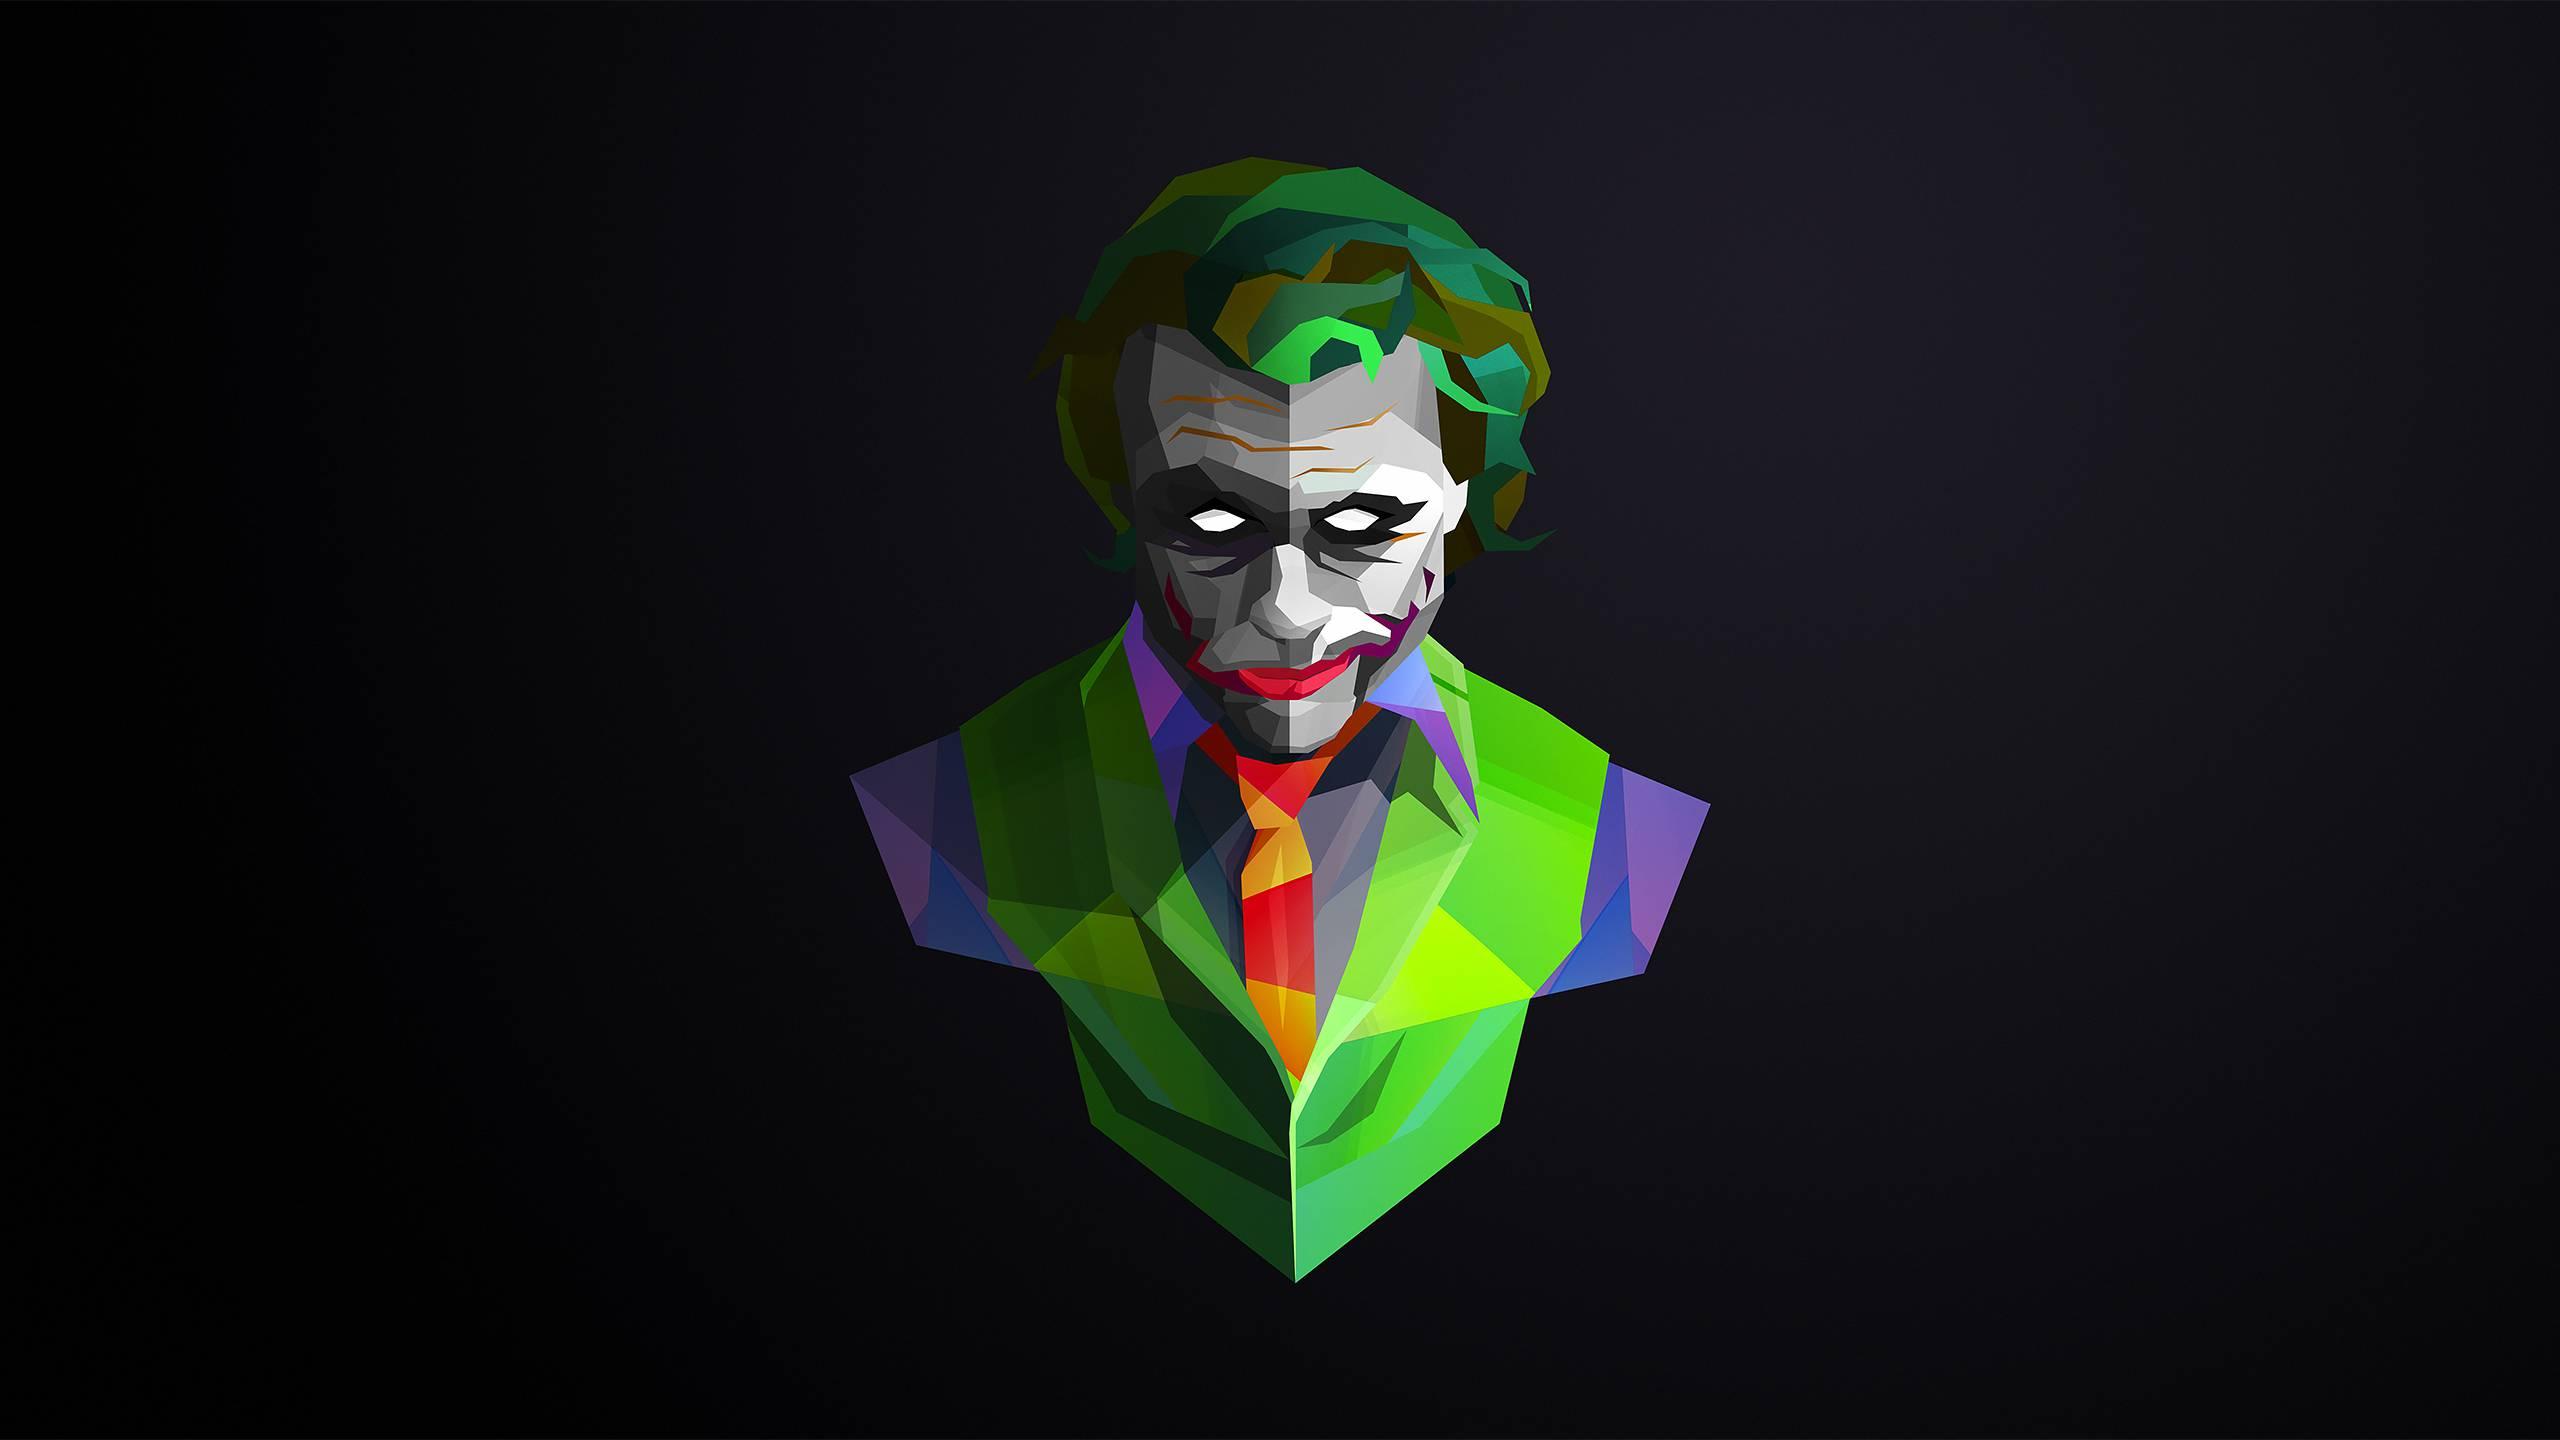 joker artwork wallpaper